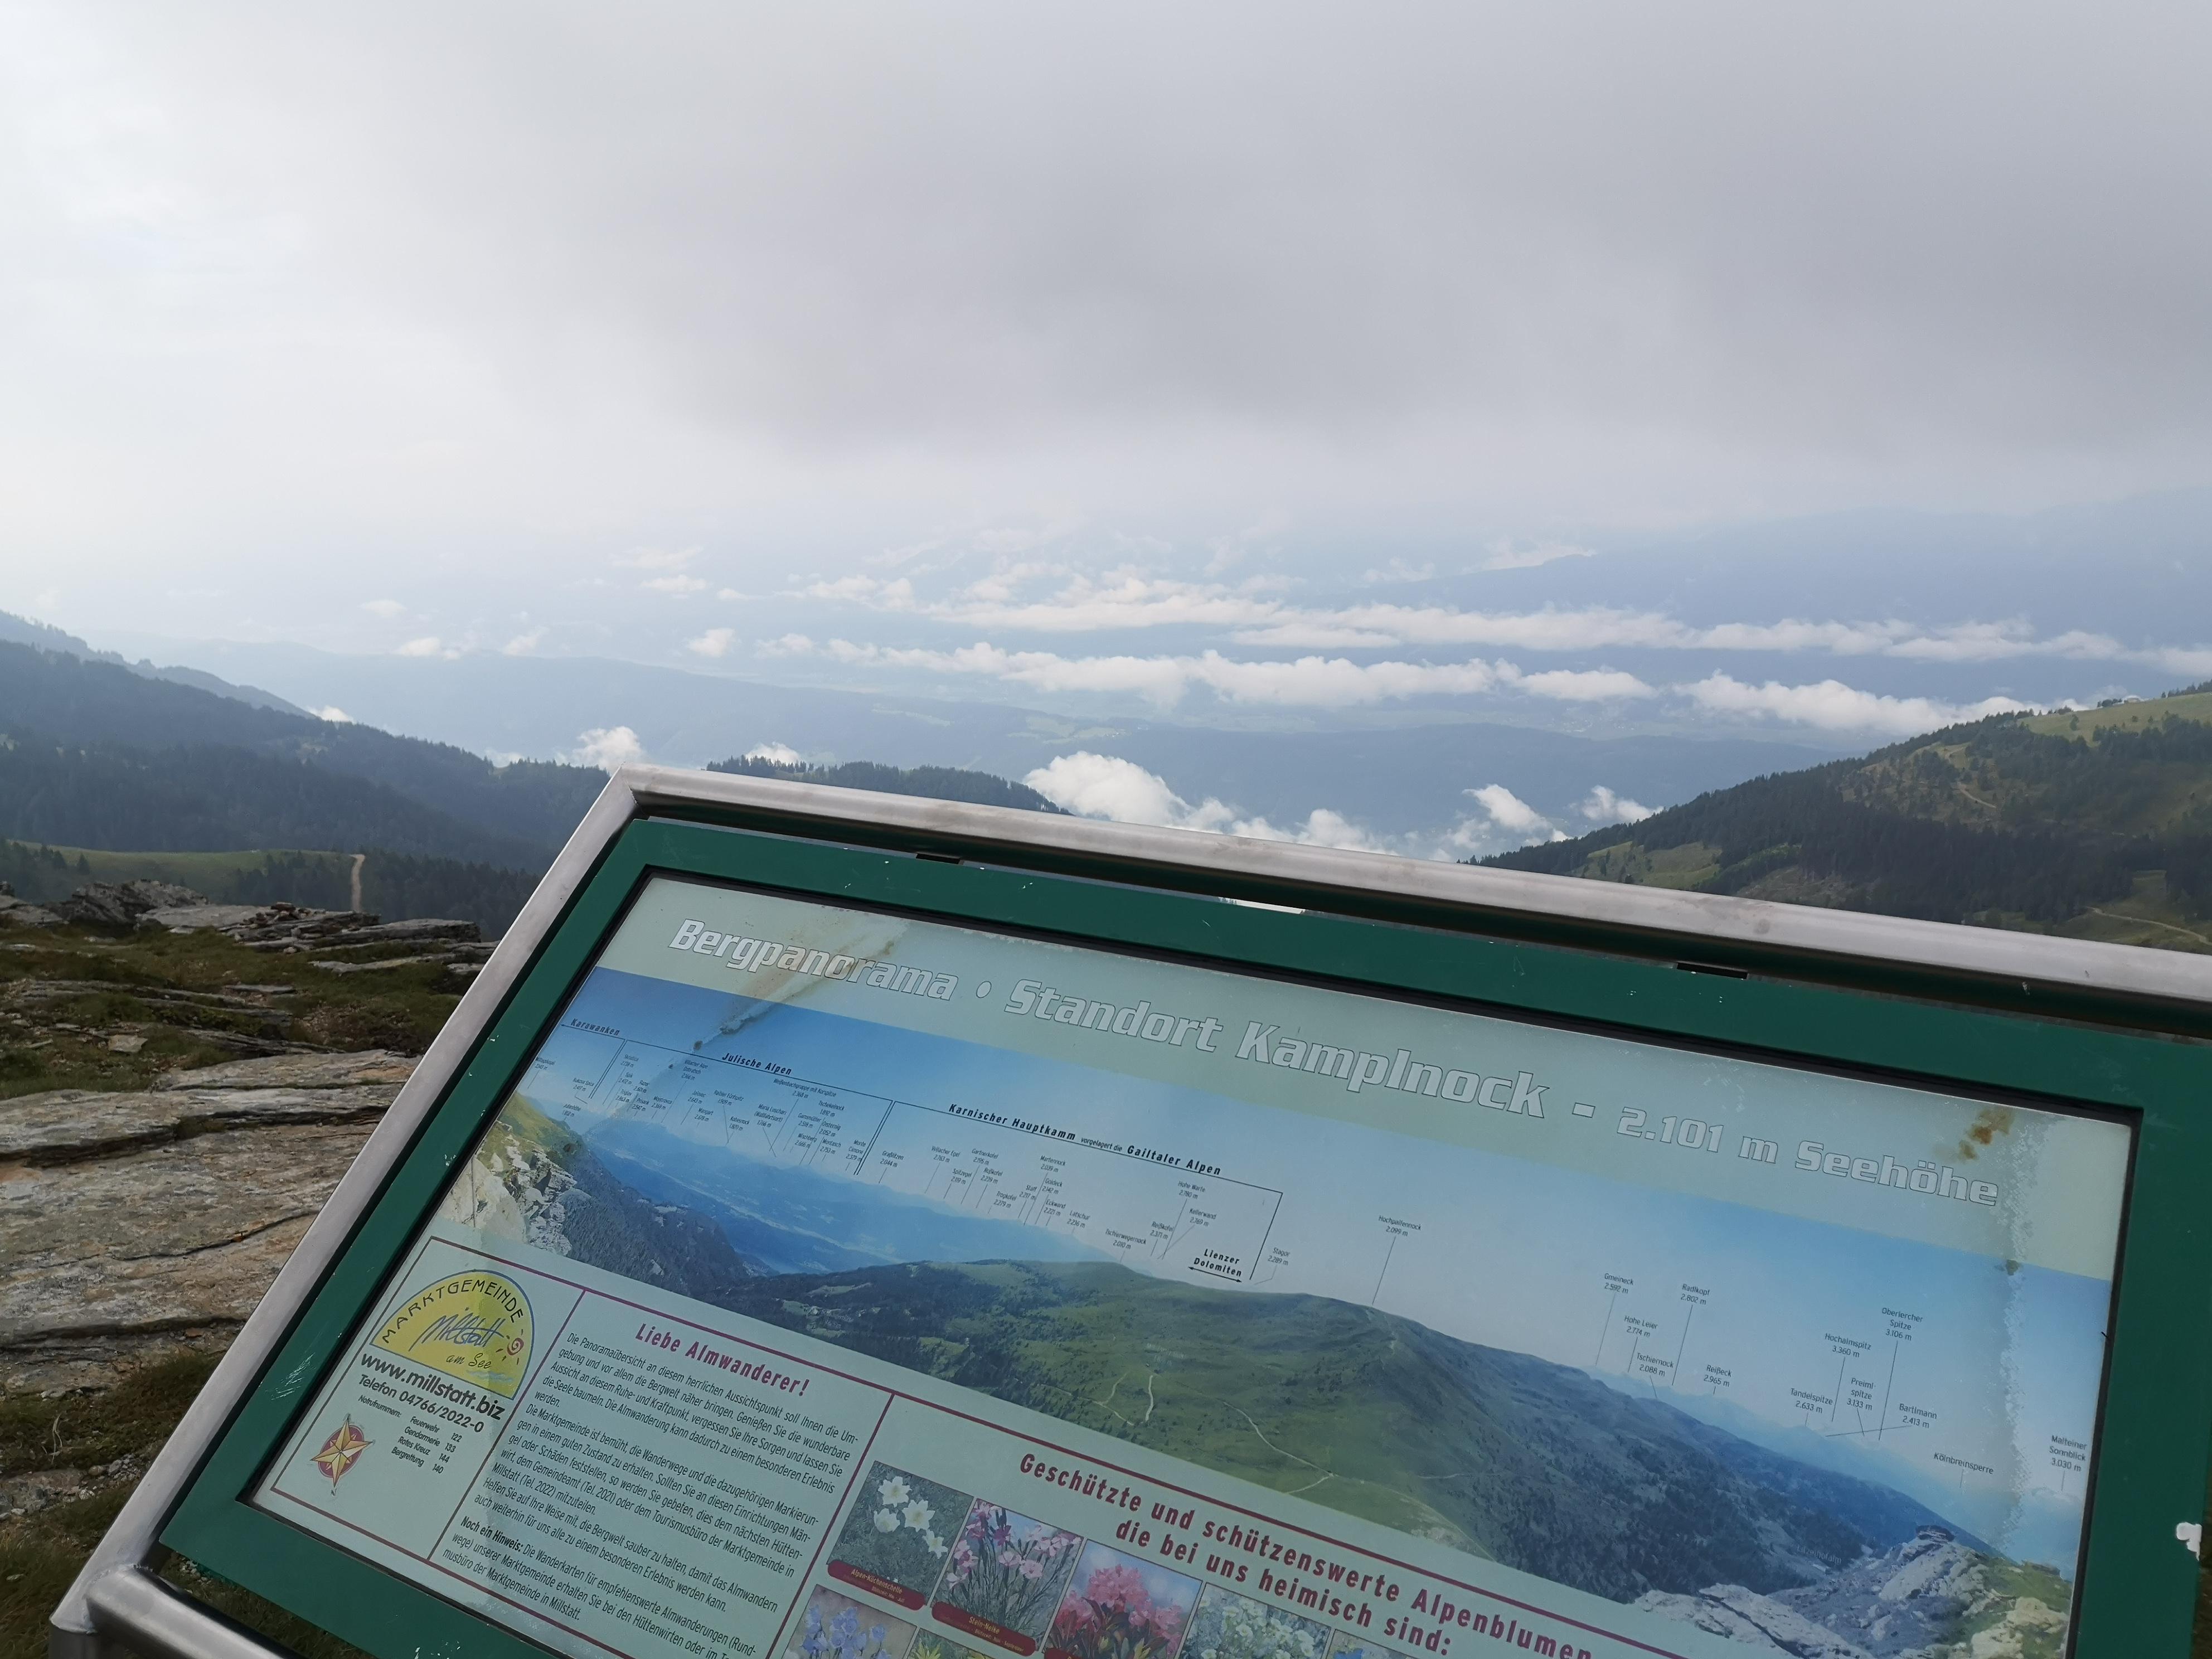 De Alpe Adria Trail - Etappe 13 - Wandelen in Karinthië, Oostenrijk